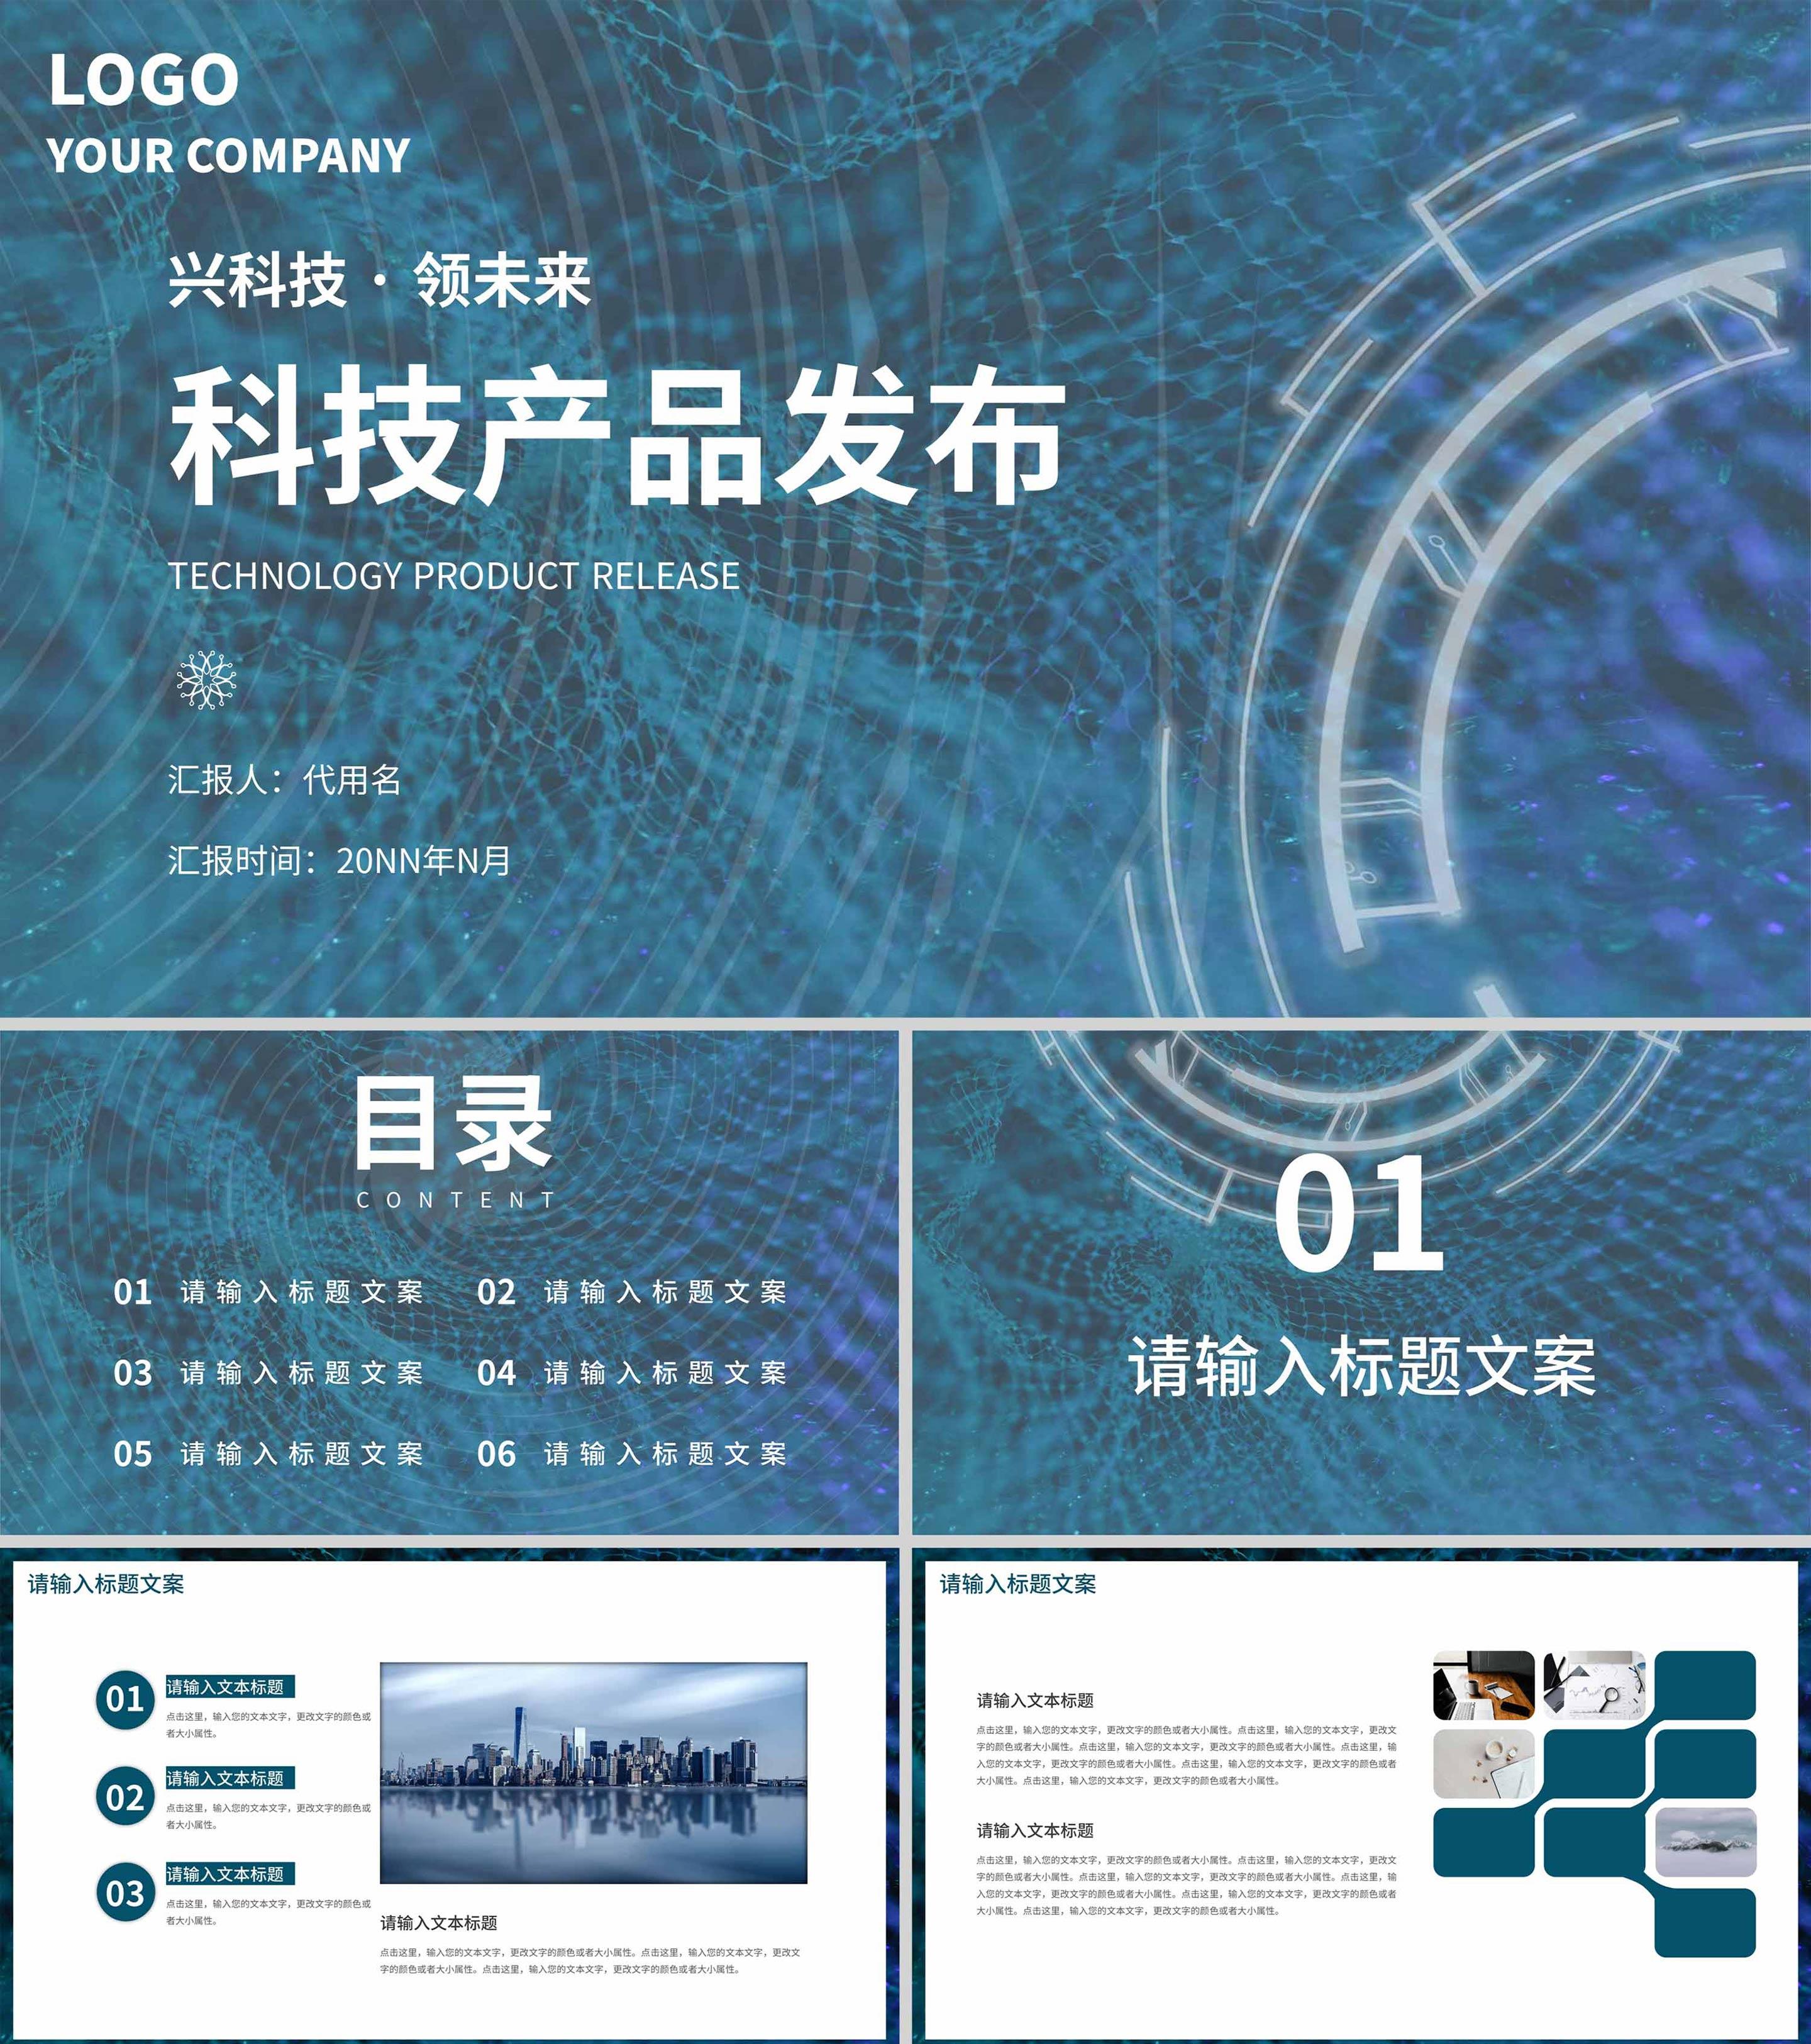 蓝色科技风简约科技产品发布PPT模板